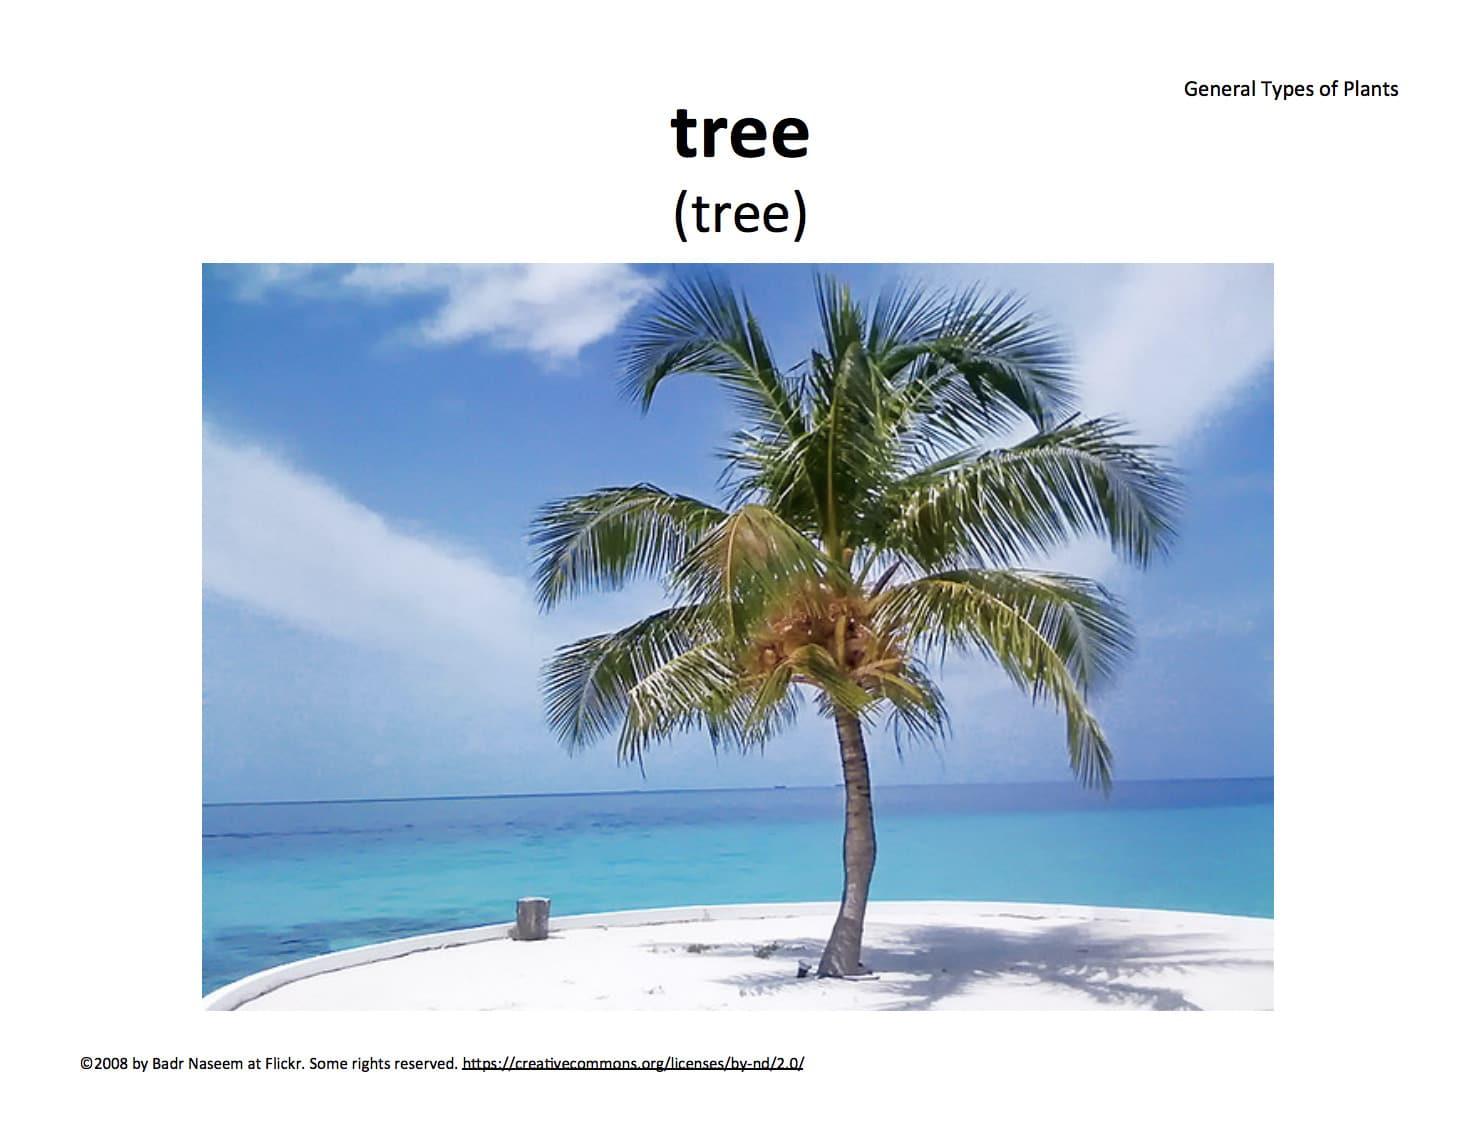 Tree - palm tree